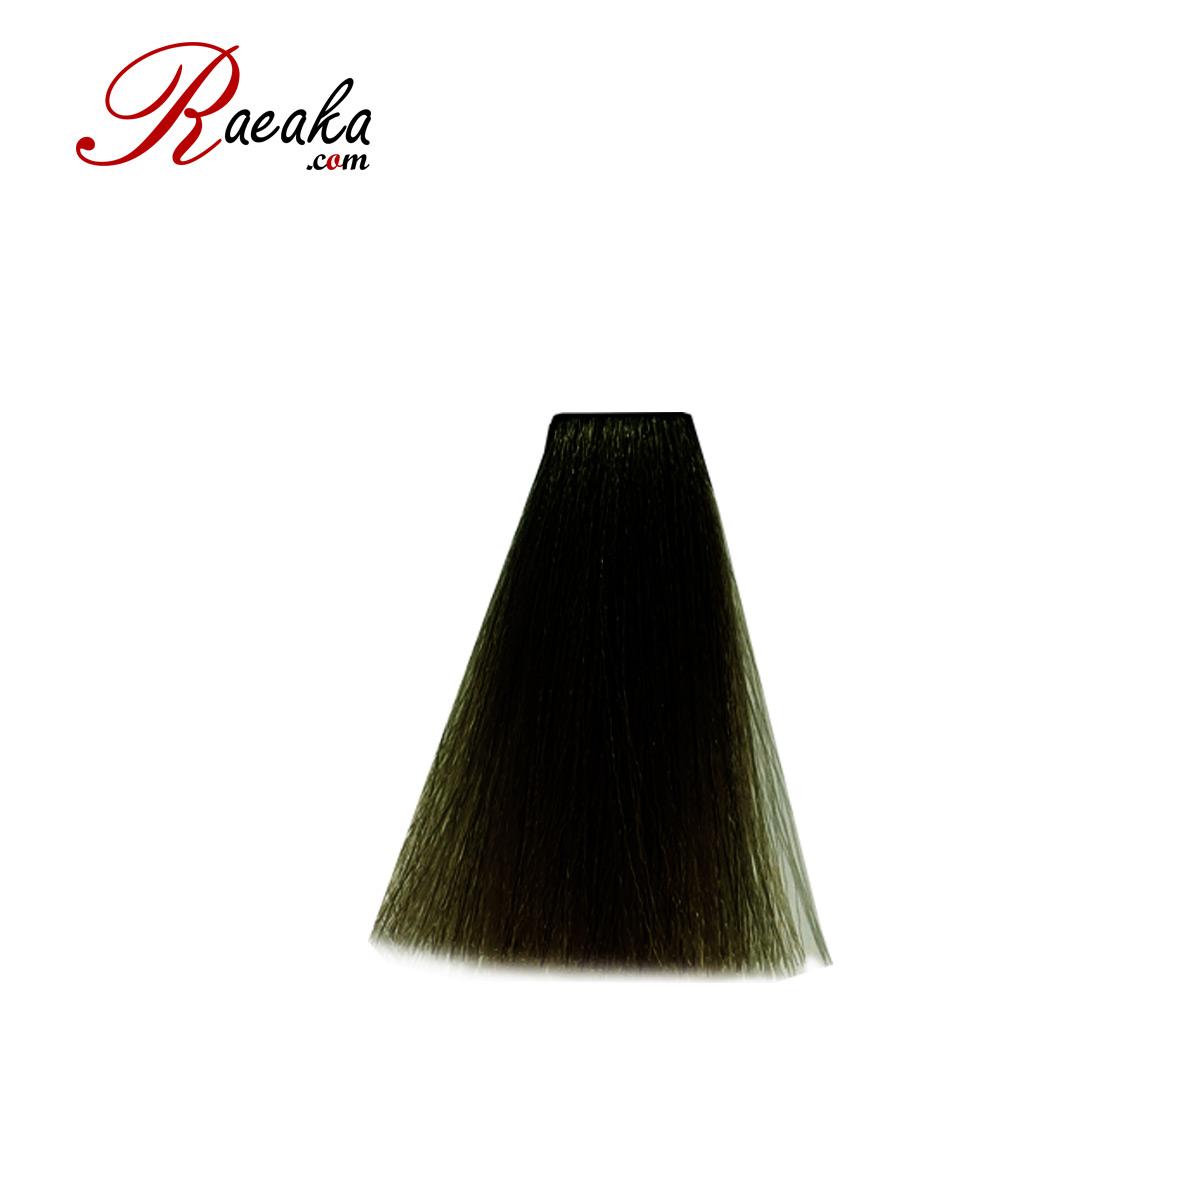 رنگ مو دوشس سری زیتونی شماره M4 5-7 حجم 125 میلی لیتر